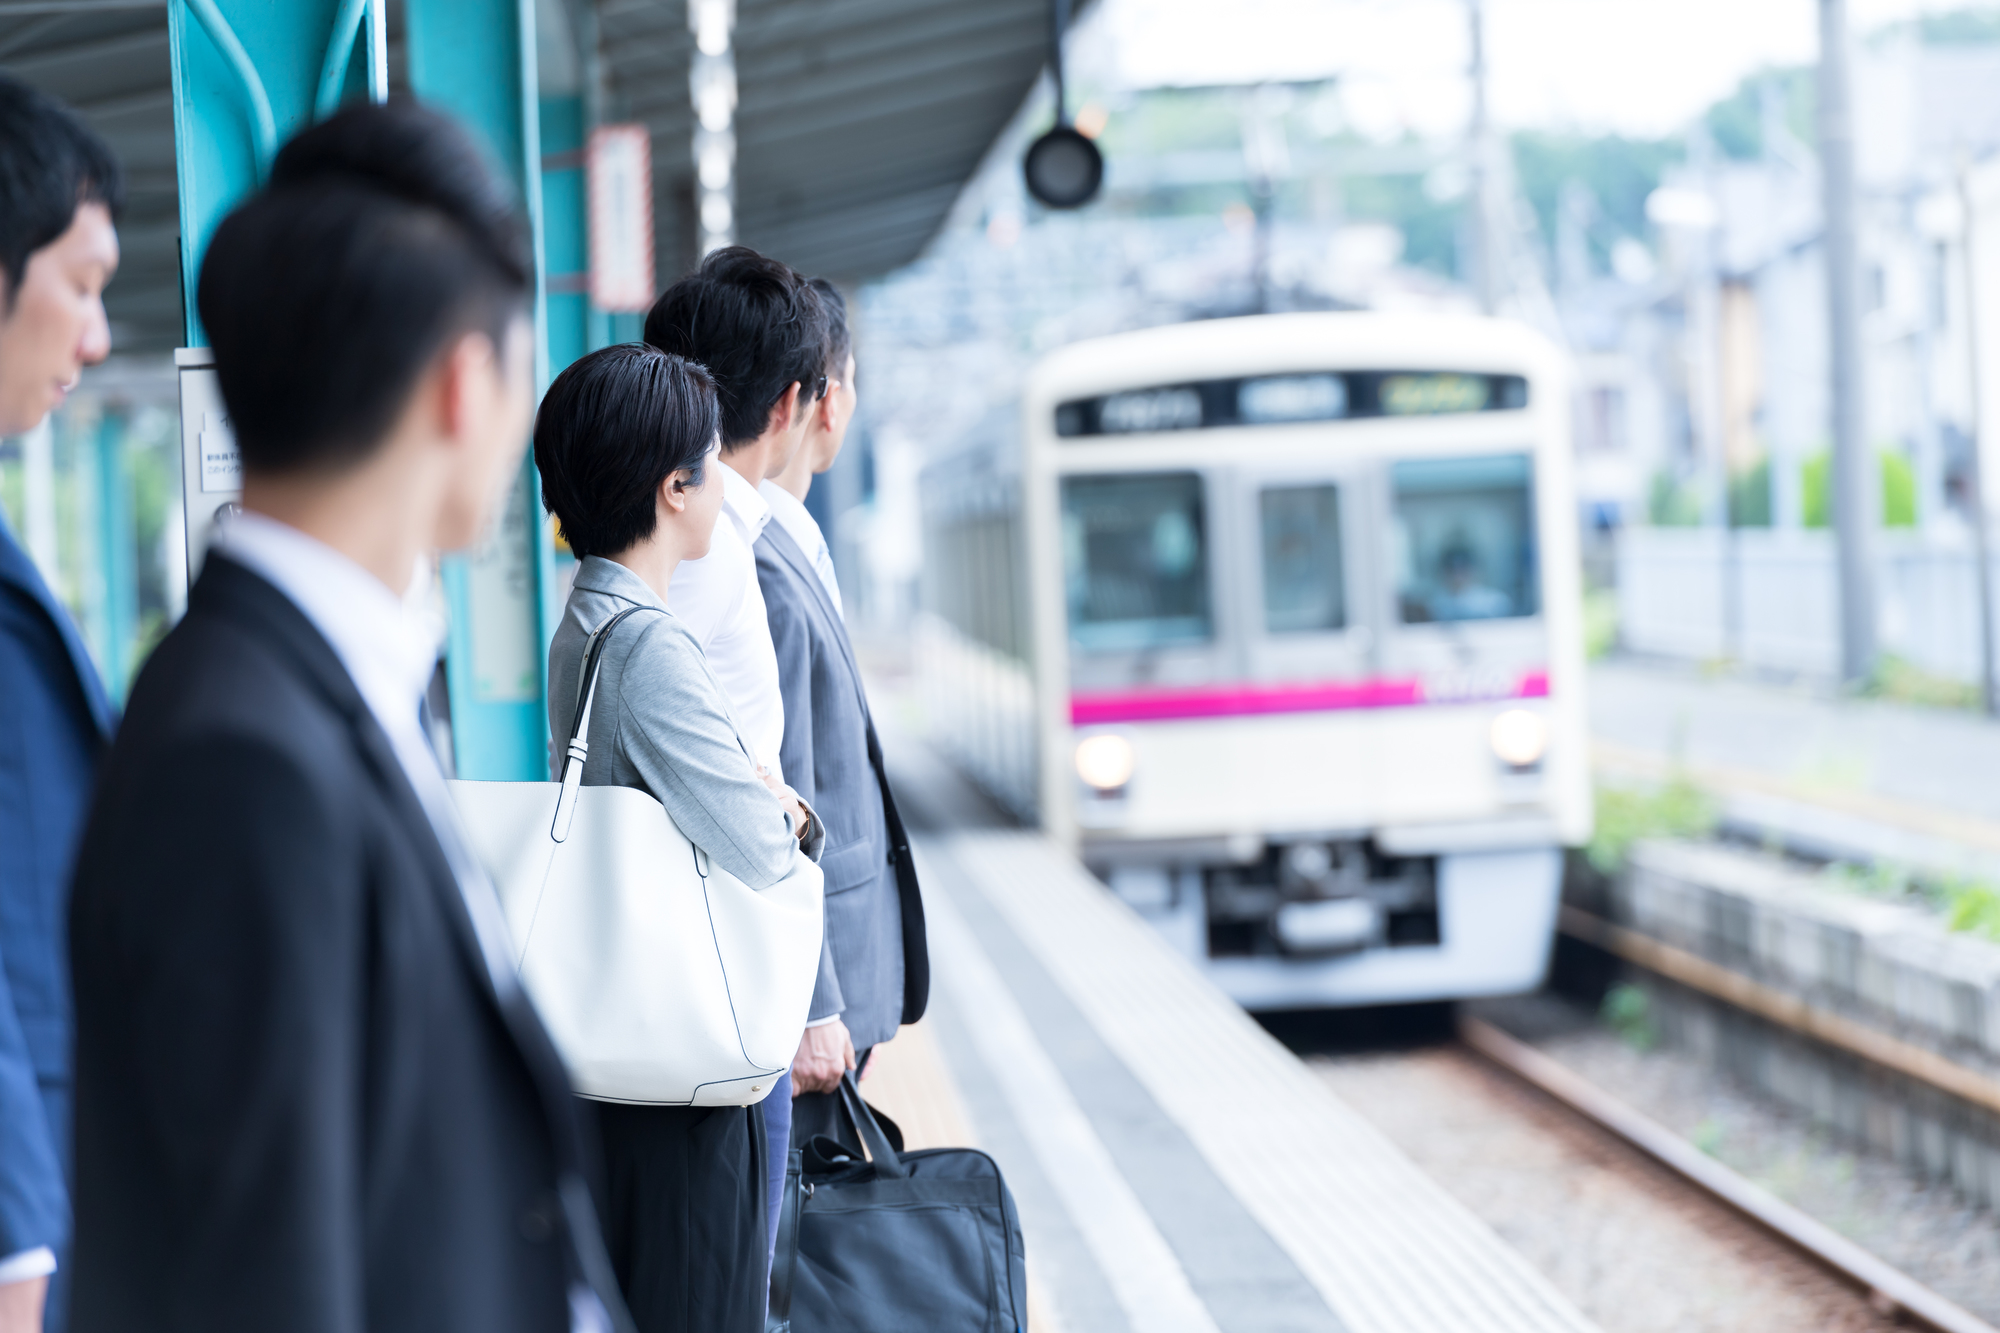 通勤時間 ブログ 時間 作り方